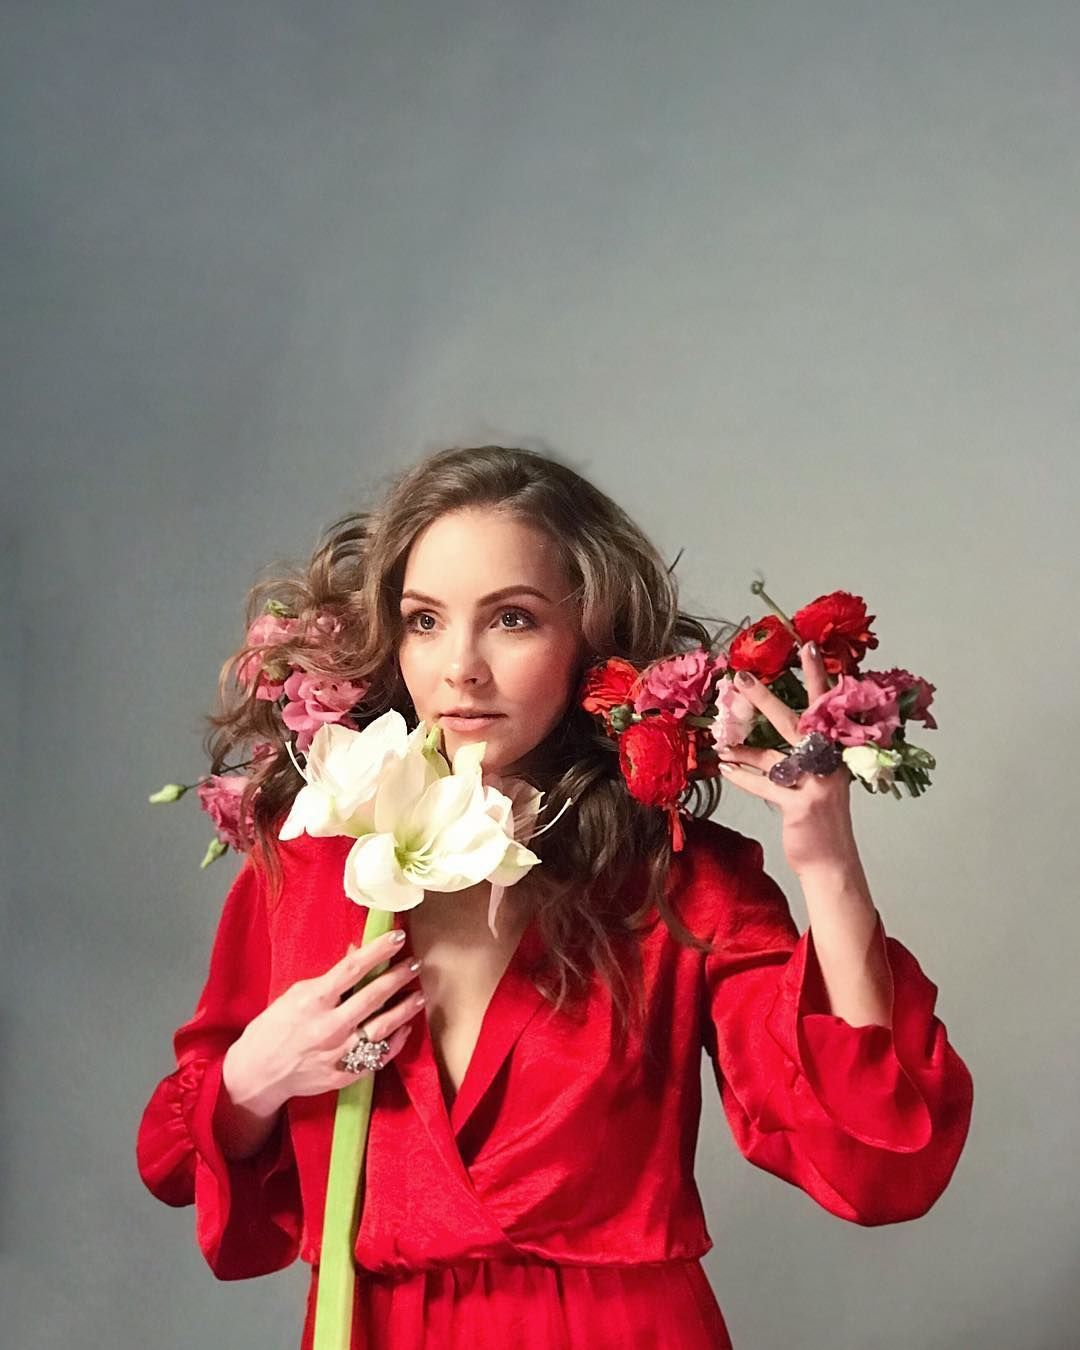 Олена Шоптенко знялася у романтичній фотосесії  (фото)